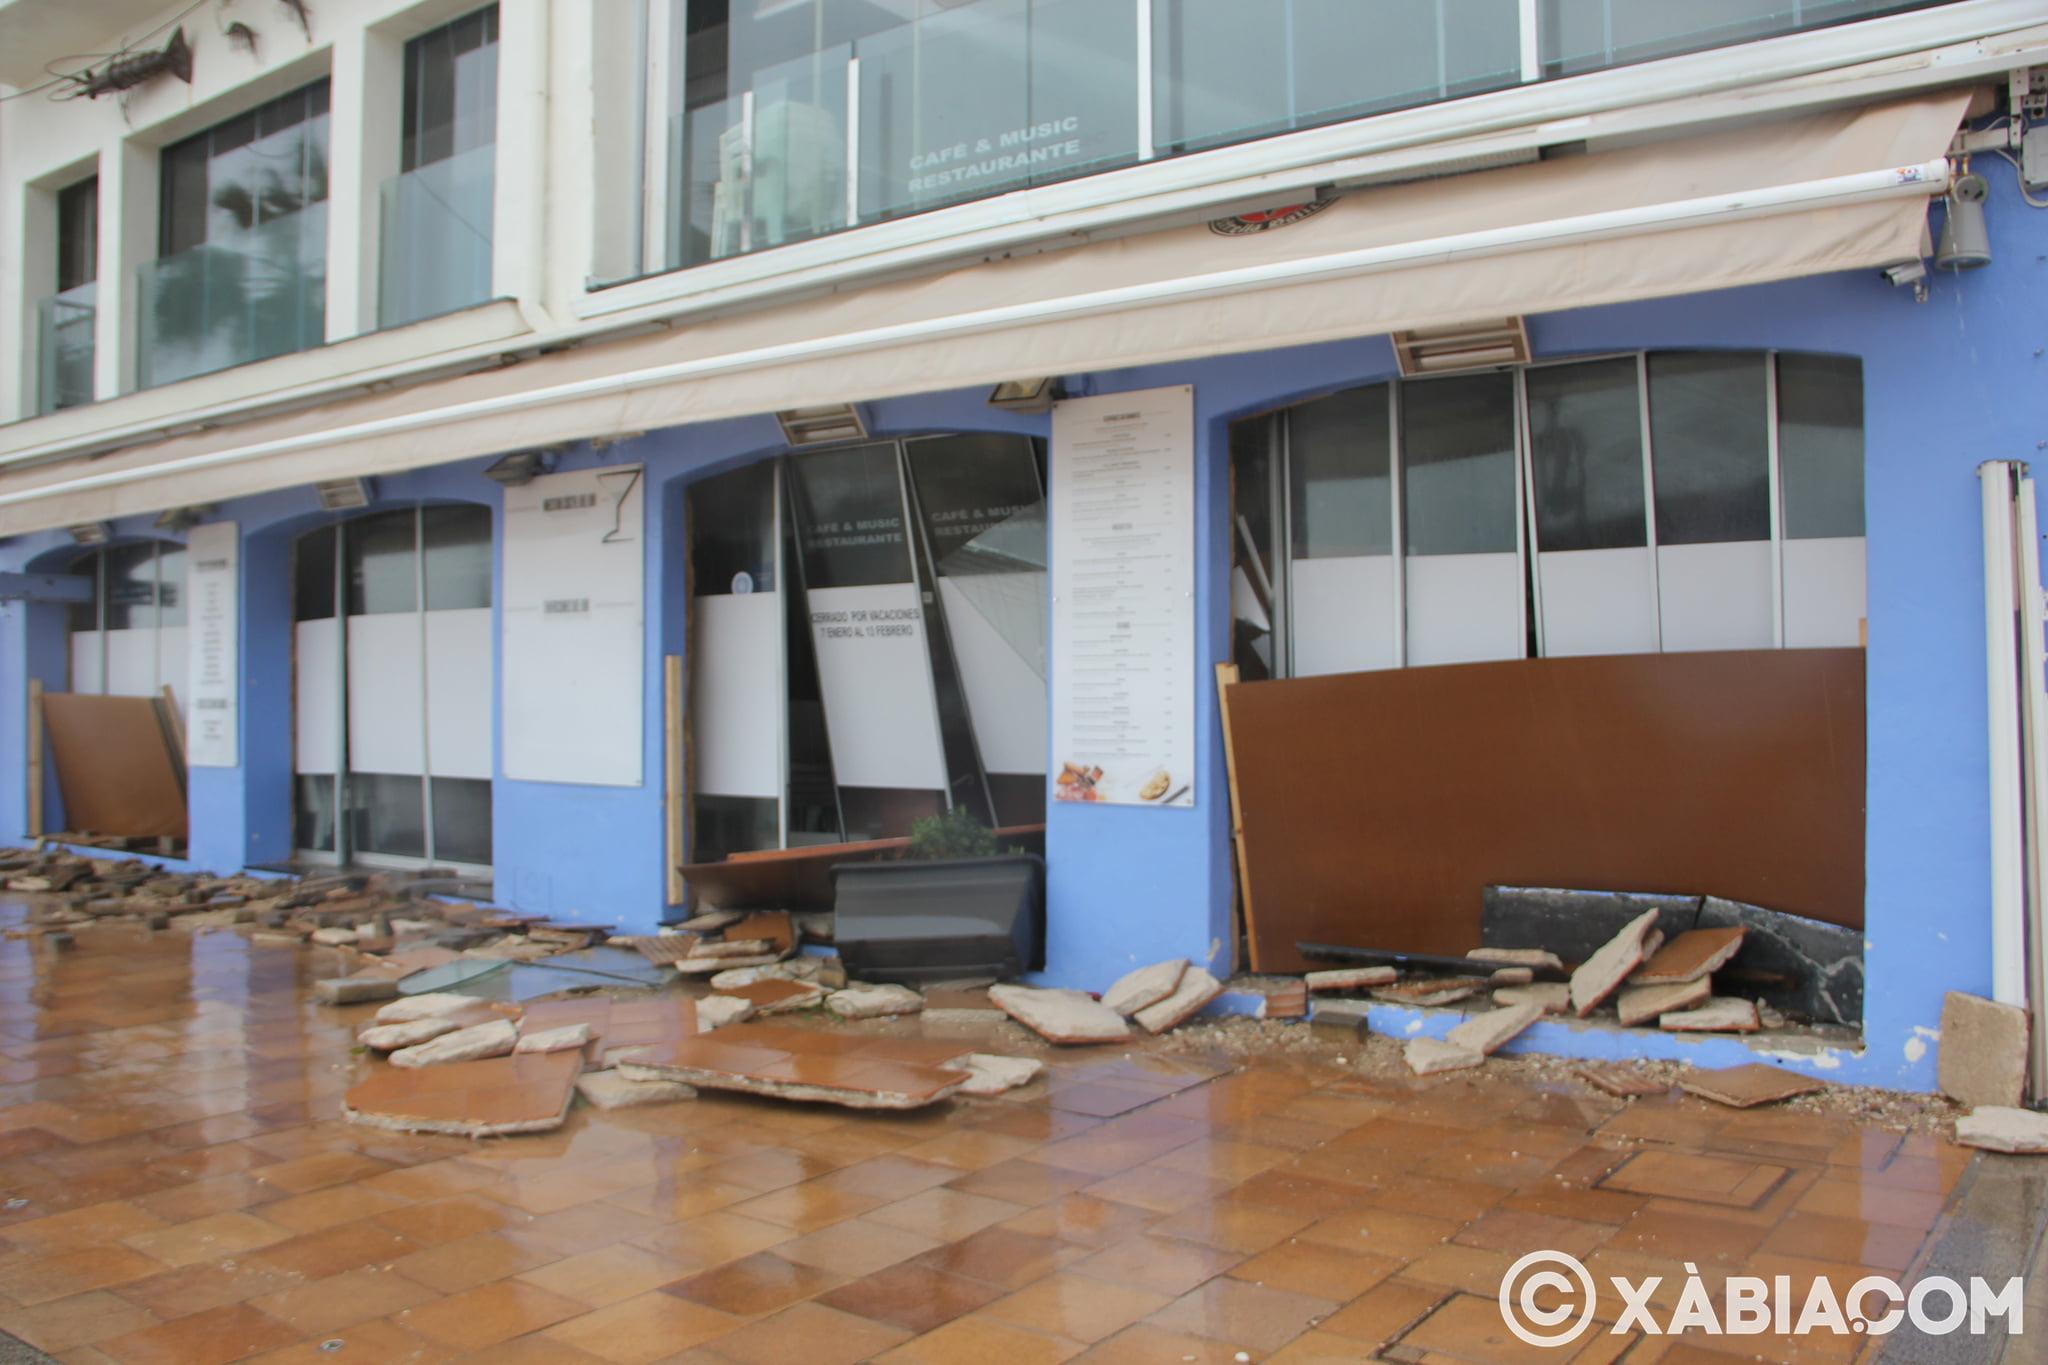 Pluie, vent et tempête de mer déchiquetés à Xàbia (51)